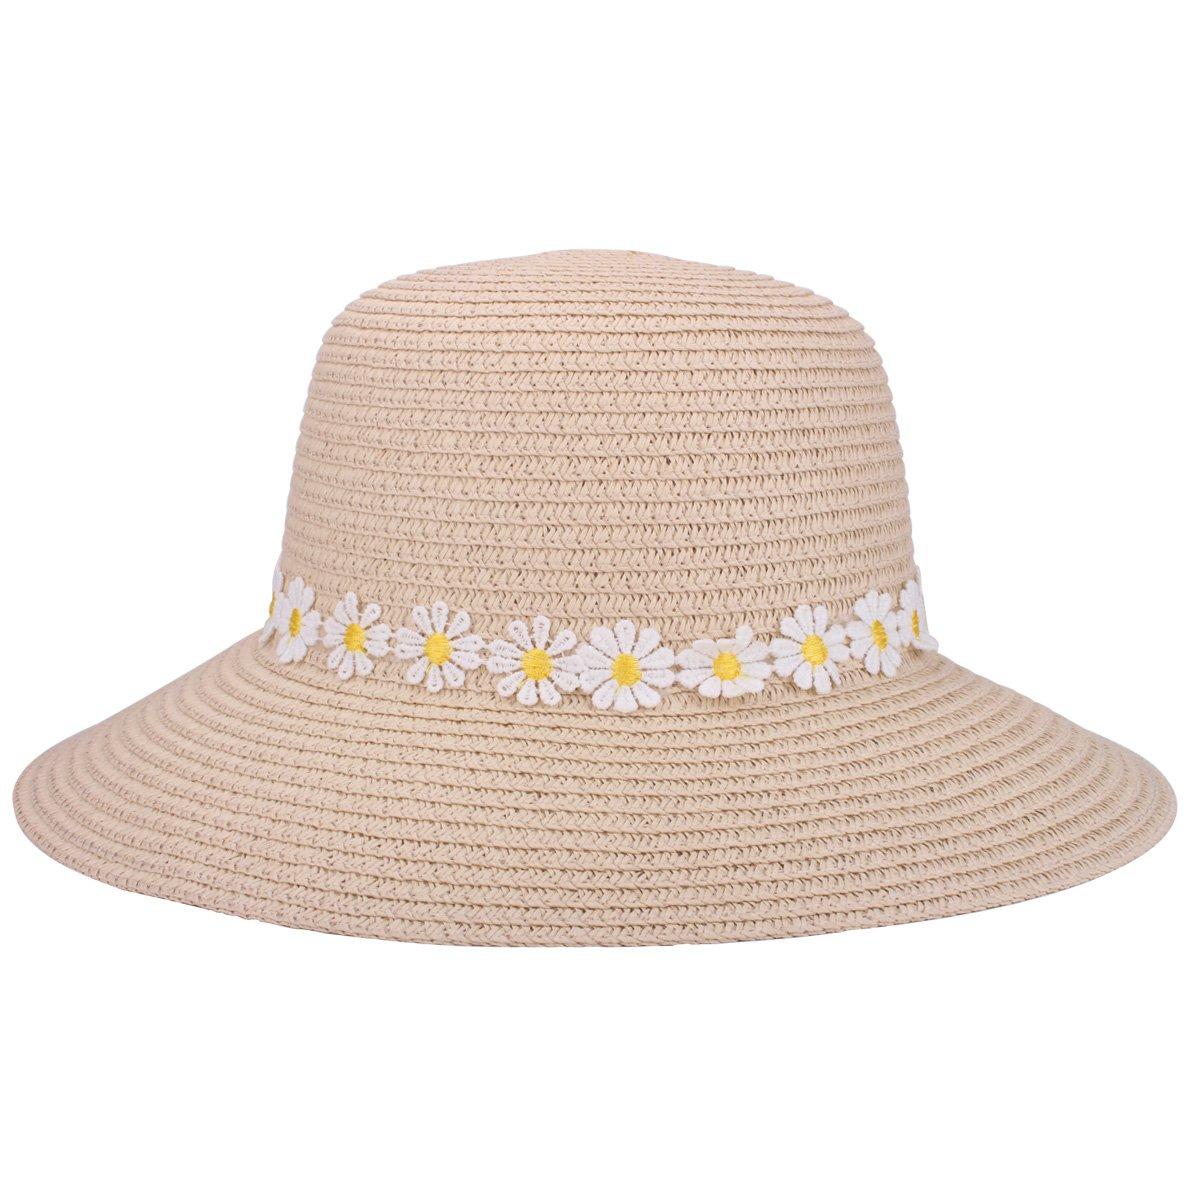 YOPINDO Sombrero de paja para mujer UPF 50+ Big Brim Sombrero de playa  plegable Summer ... 9a96d5d8bab3